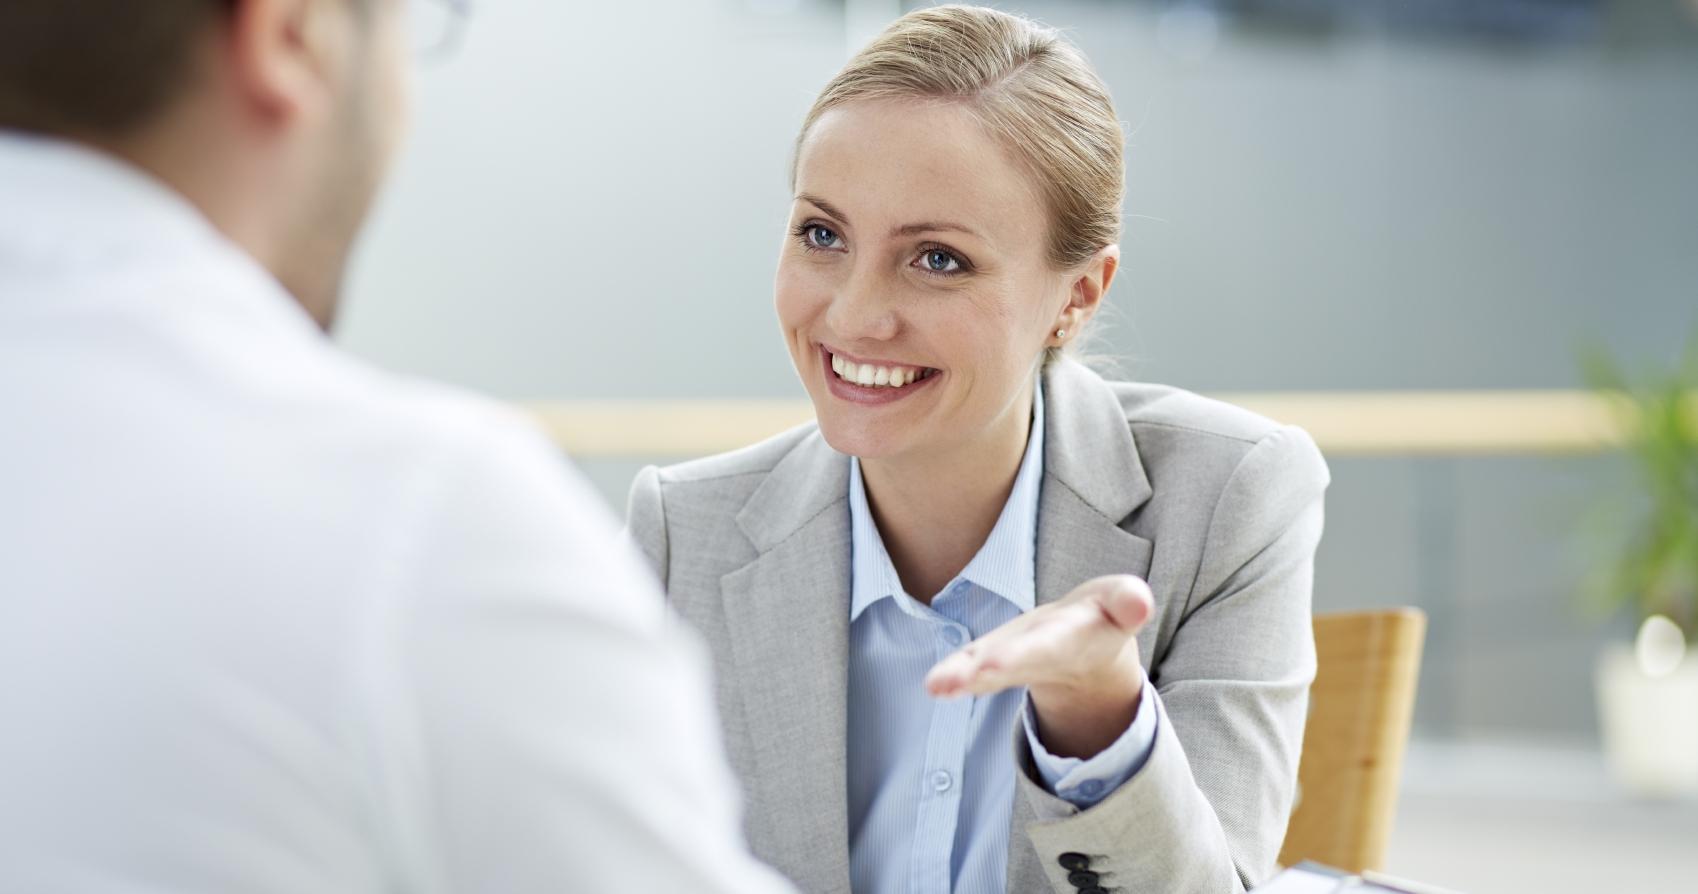 Возражения у клиента могут возникнуть на любой стадии общения с ним